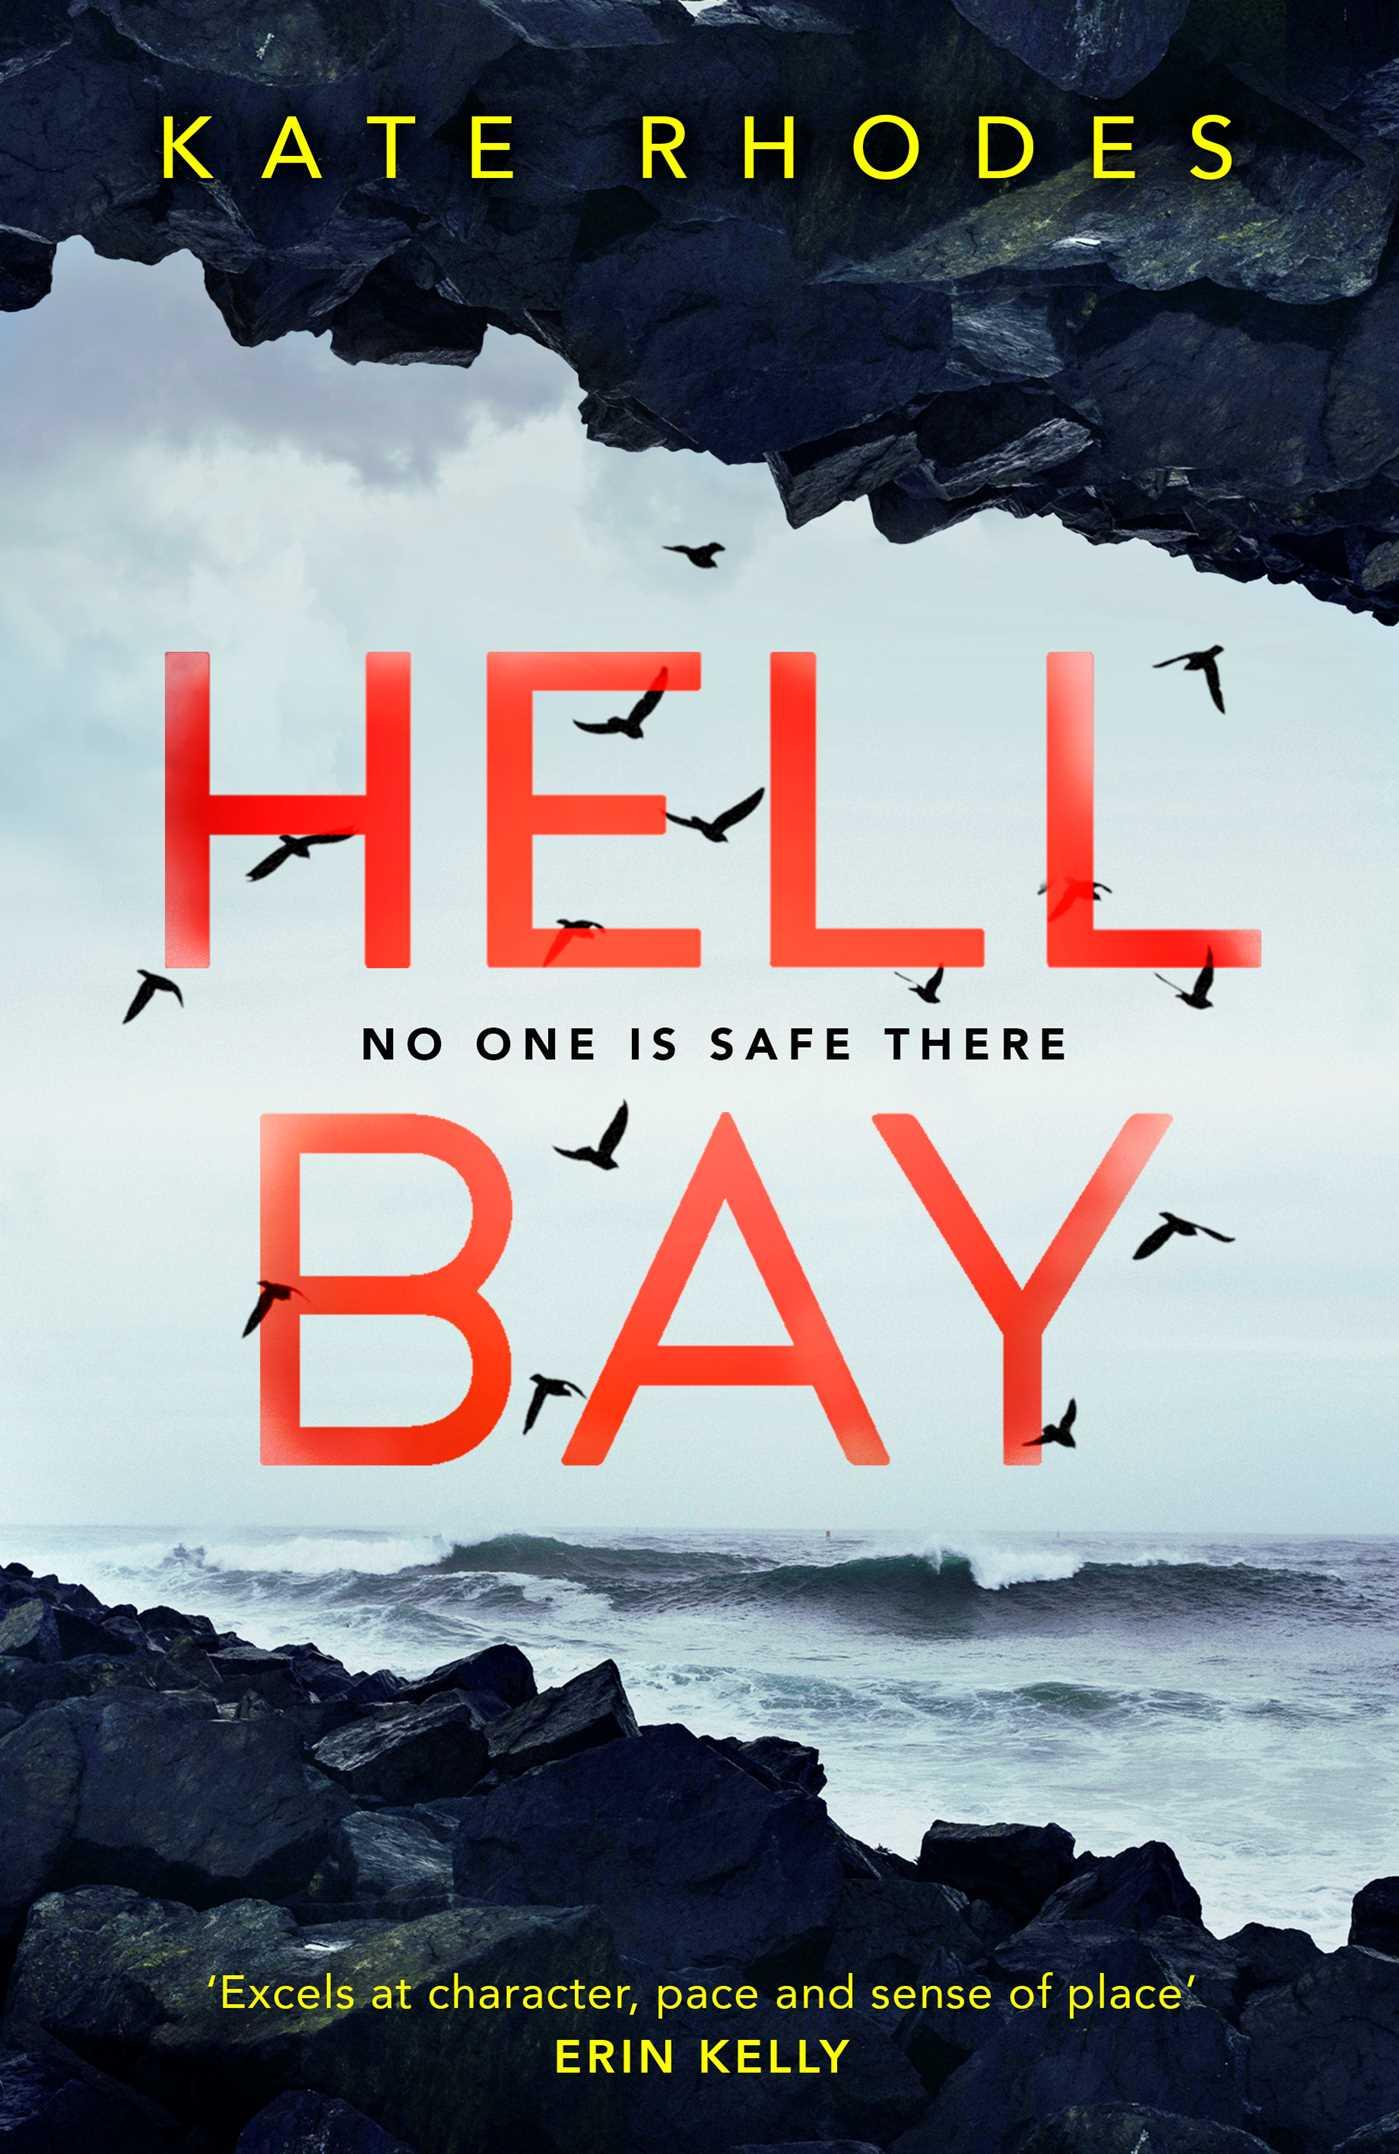 Hell bay 9781471165399 hr